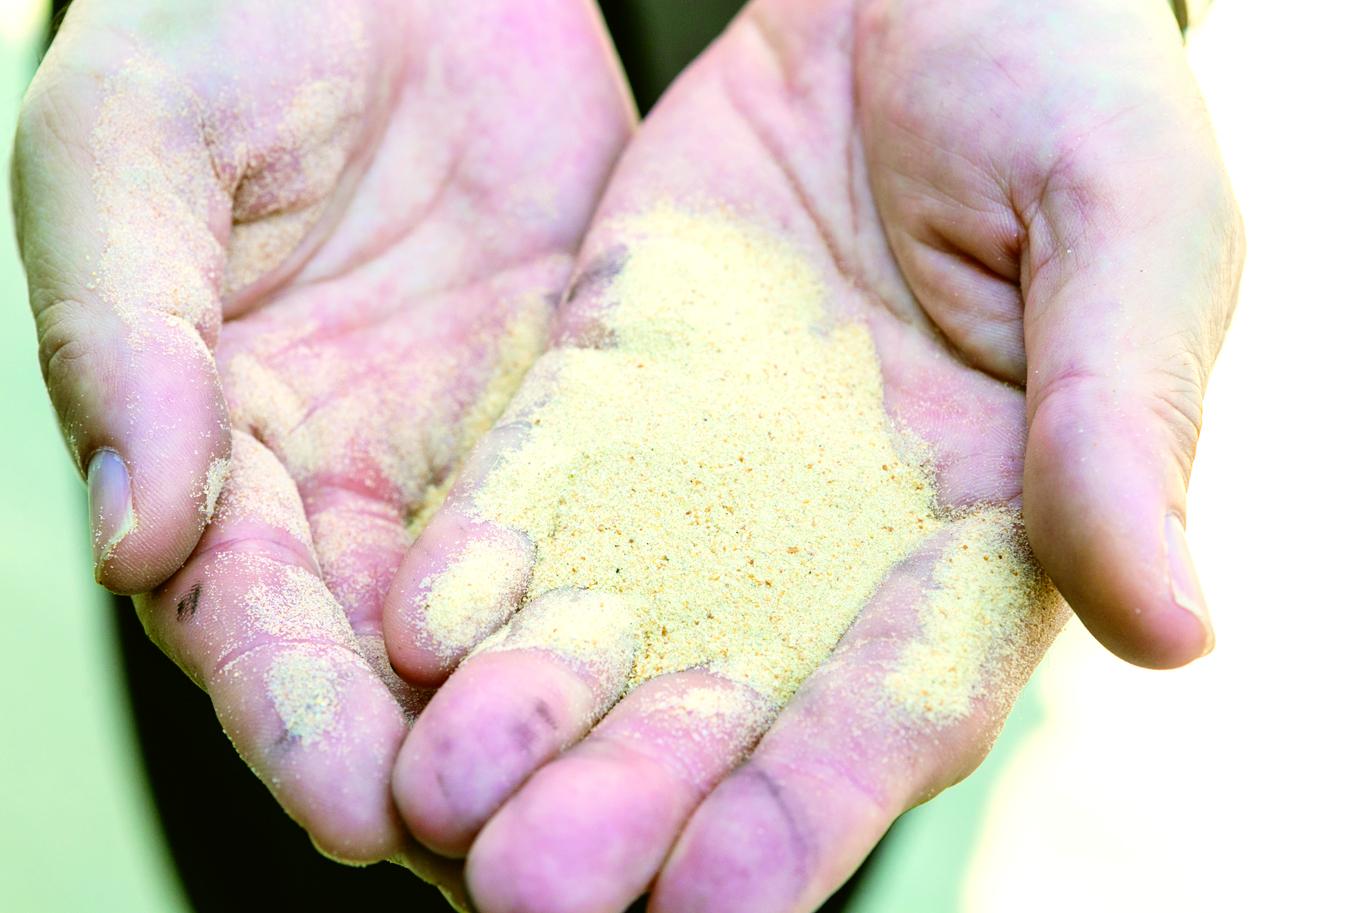 鍛造で発生した排水のため、薬剤だけで沈殿させるのが難しい。そのため、同社が独自開発した特殊な砂「UIサンド」などを使用し、スラッジを砂に吸着させて沈殿させている。排水の性質により臨機応変にソリューションを提供できるのも、豊富なノウハウを持つ同社の強みだ